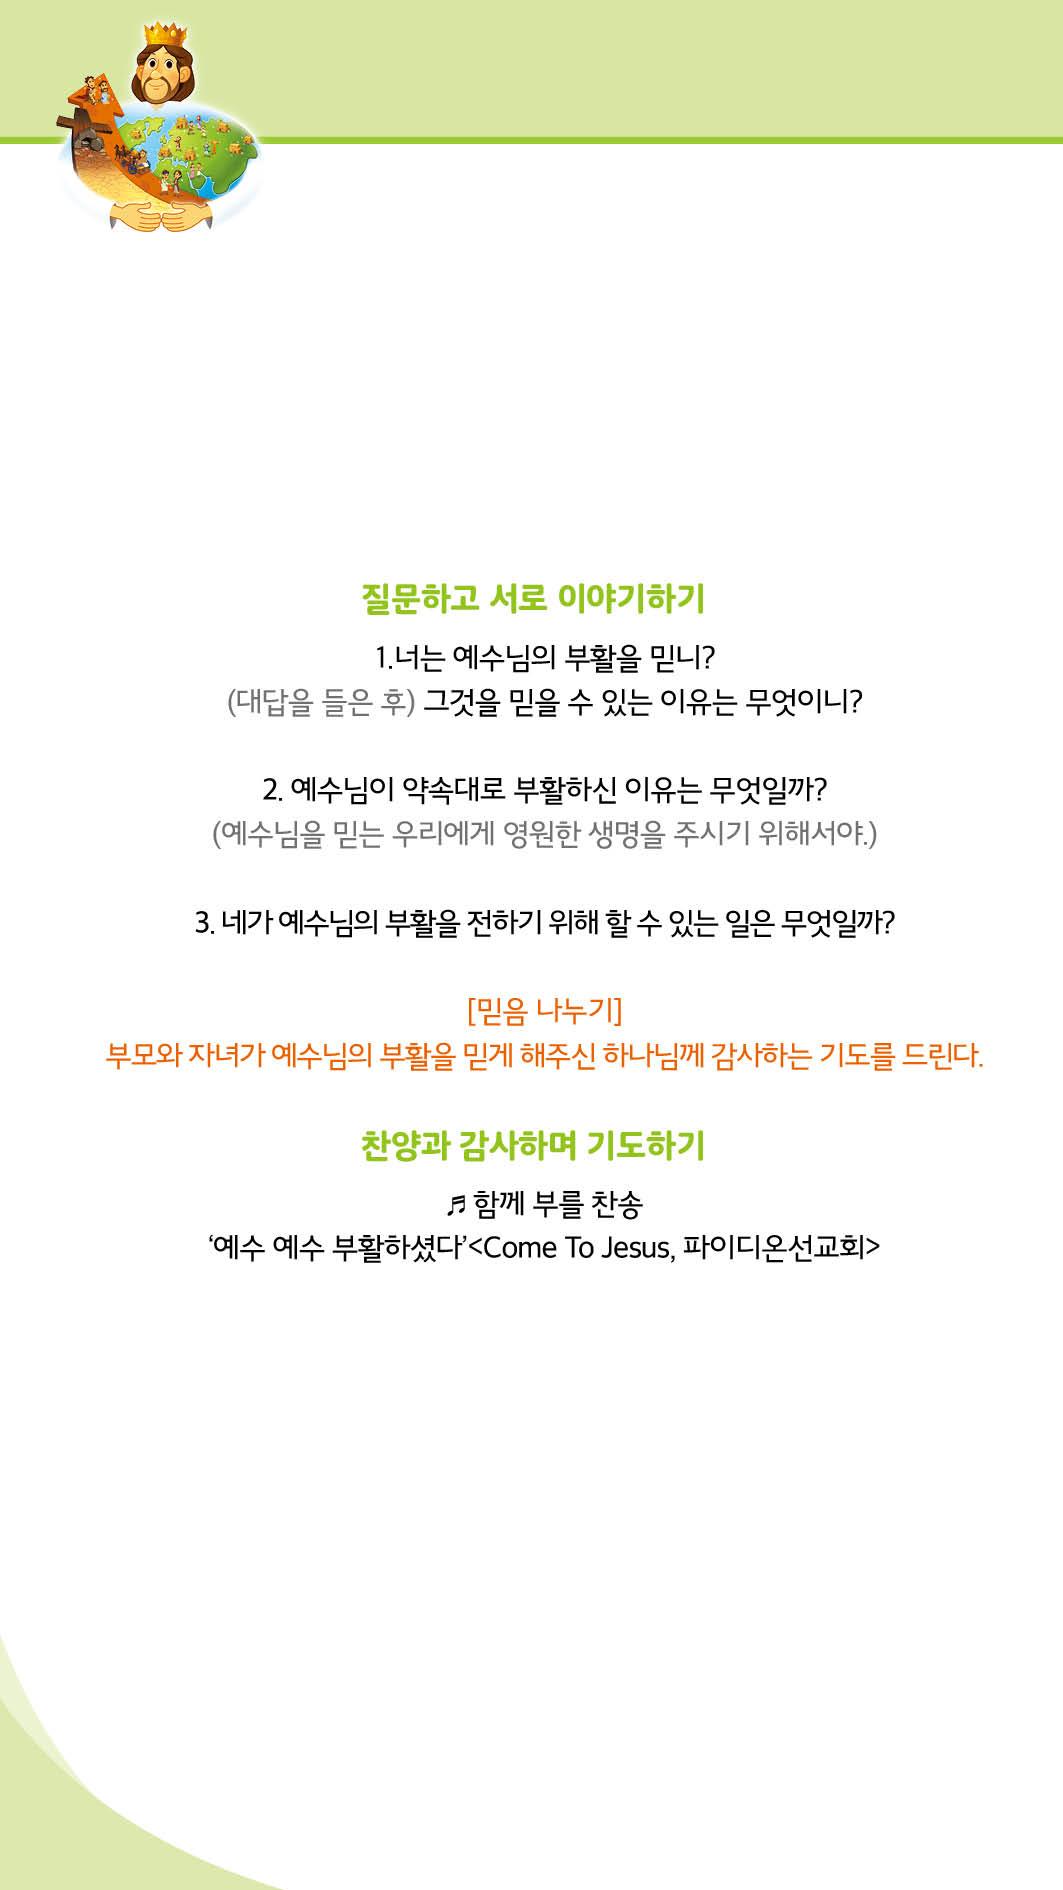 예빌 가정활동자료_신약2 모바일_6과 학령기4.jpg